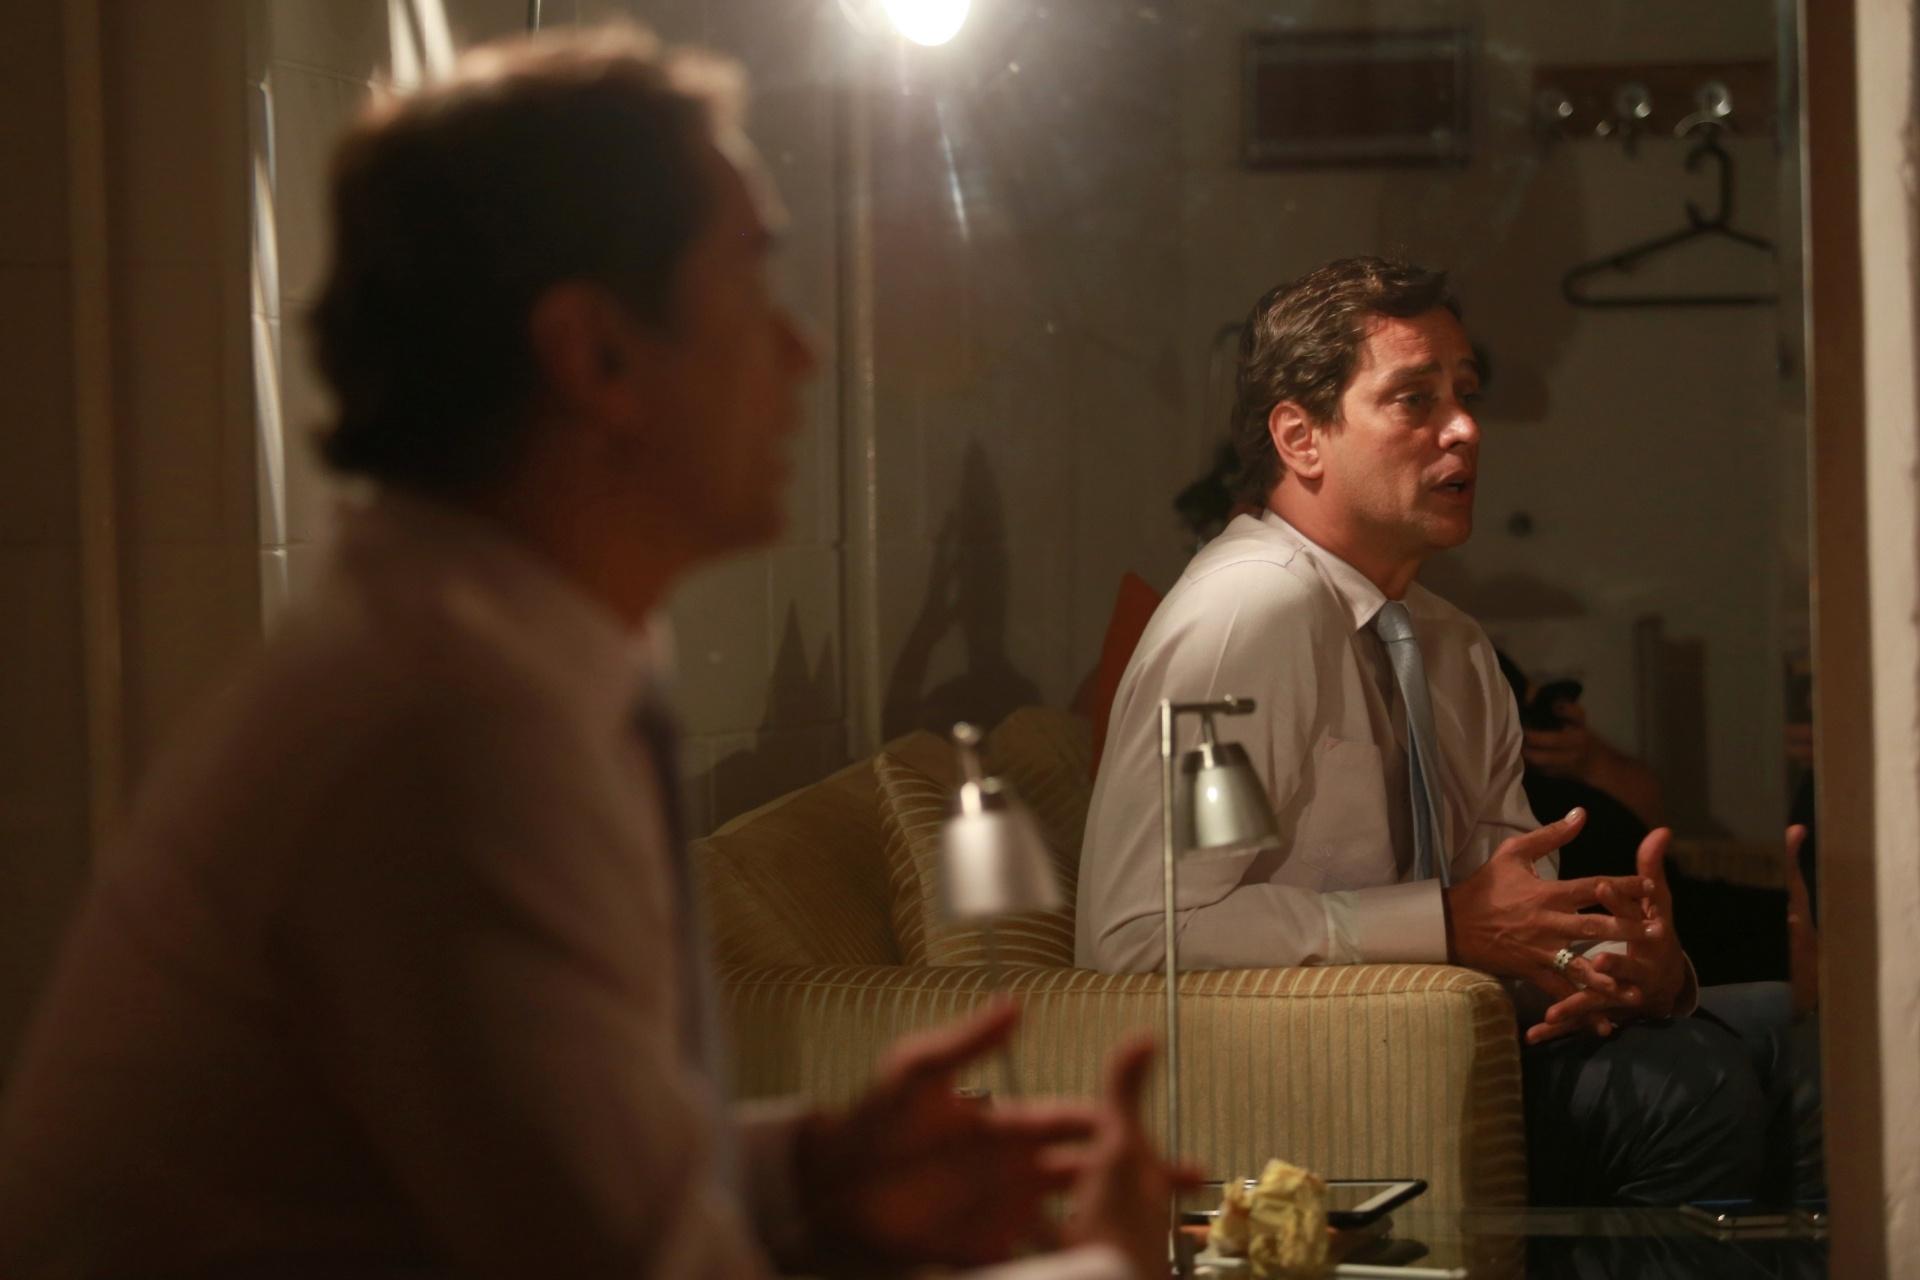 7.jan.2014 - O ator Marcello Antony comenta, em camarim do Projac, que sofreu com a falta de coerência de seu personagem na novela